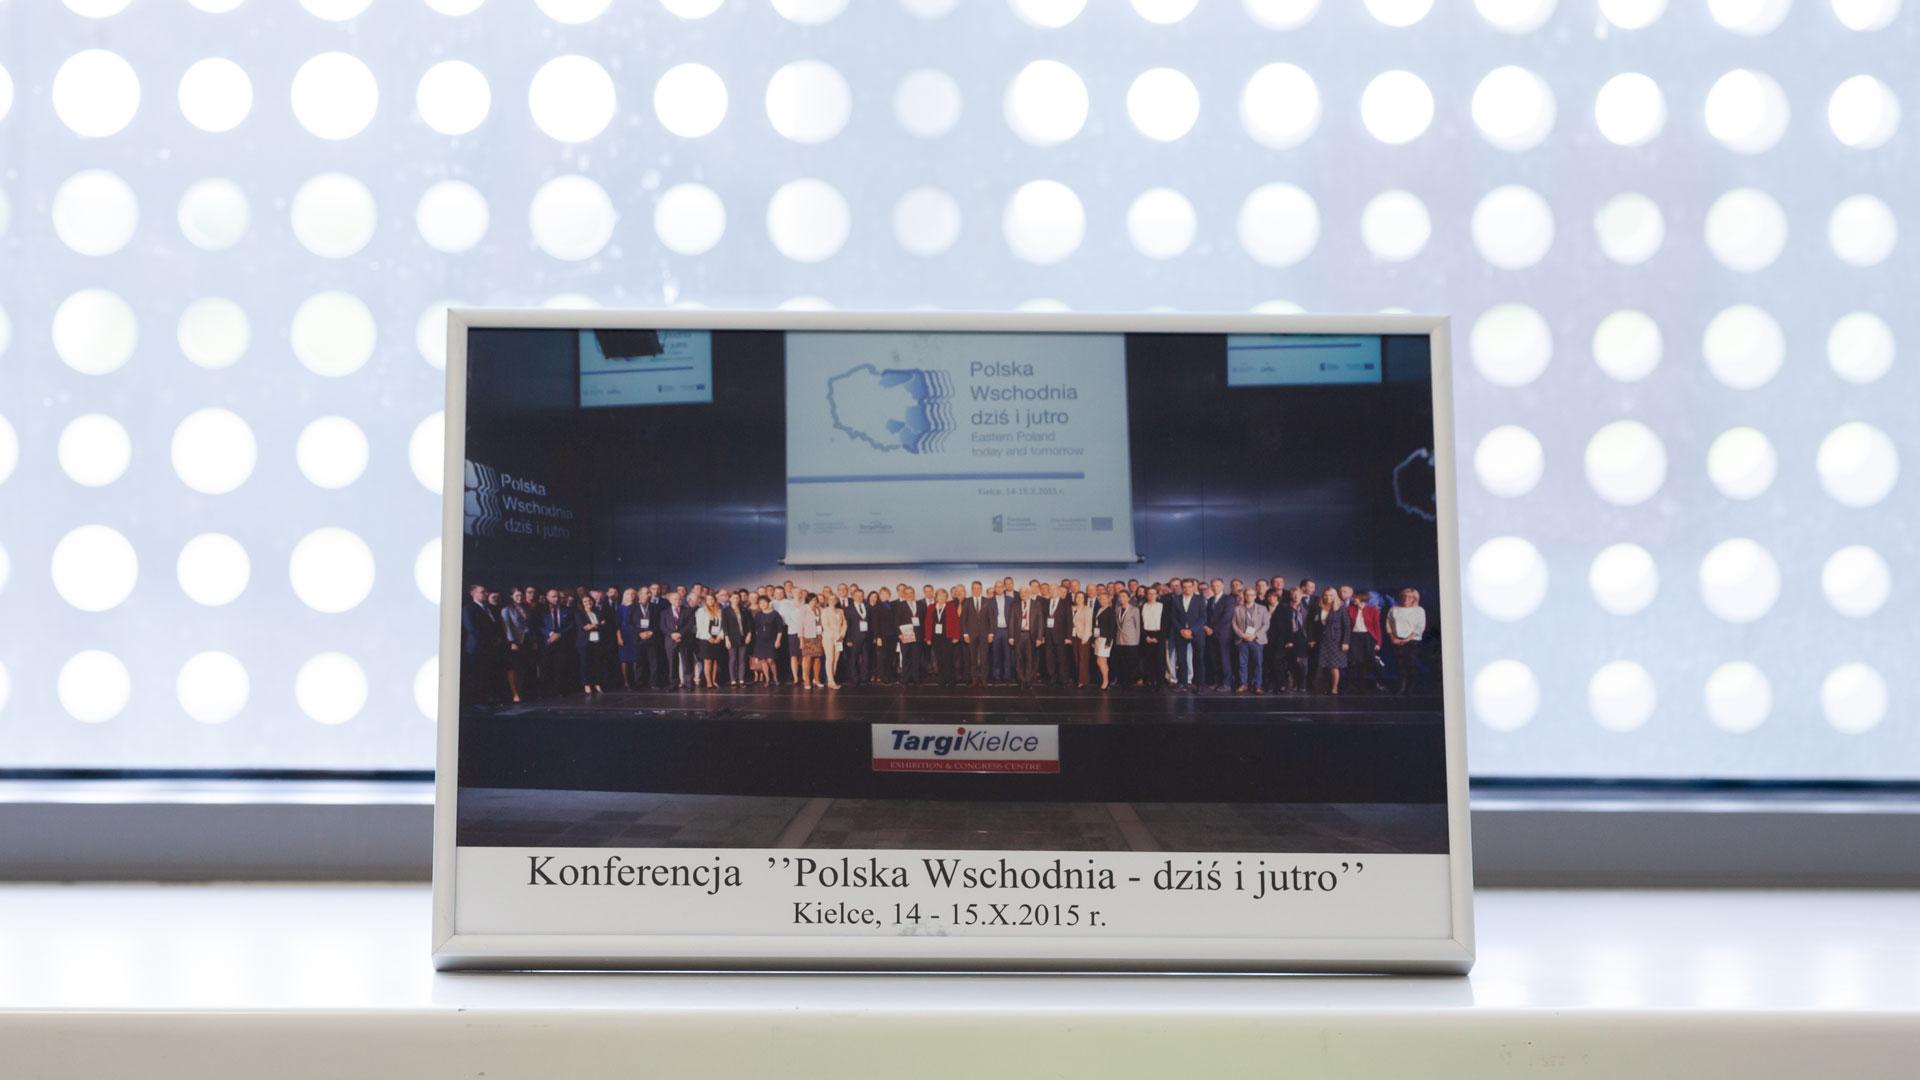 Konferencja, wyróżnienie, polska wschodnia dziś i jutro